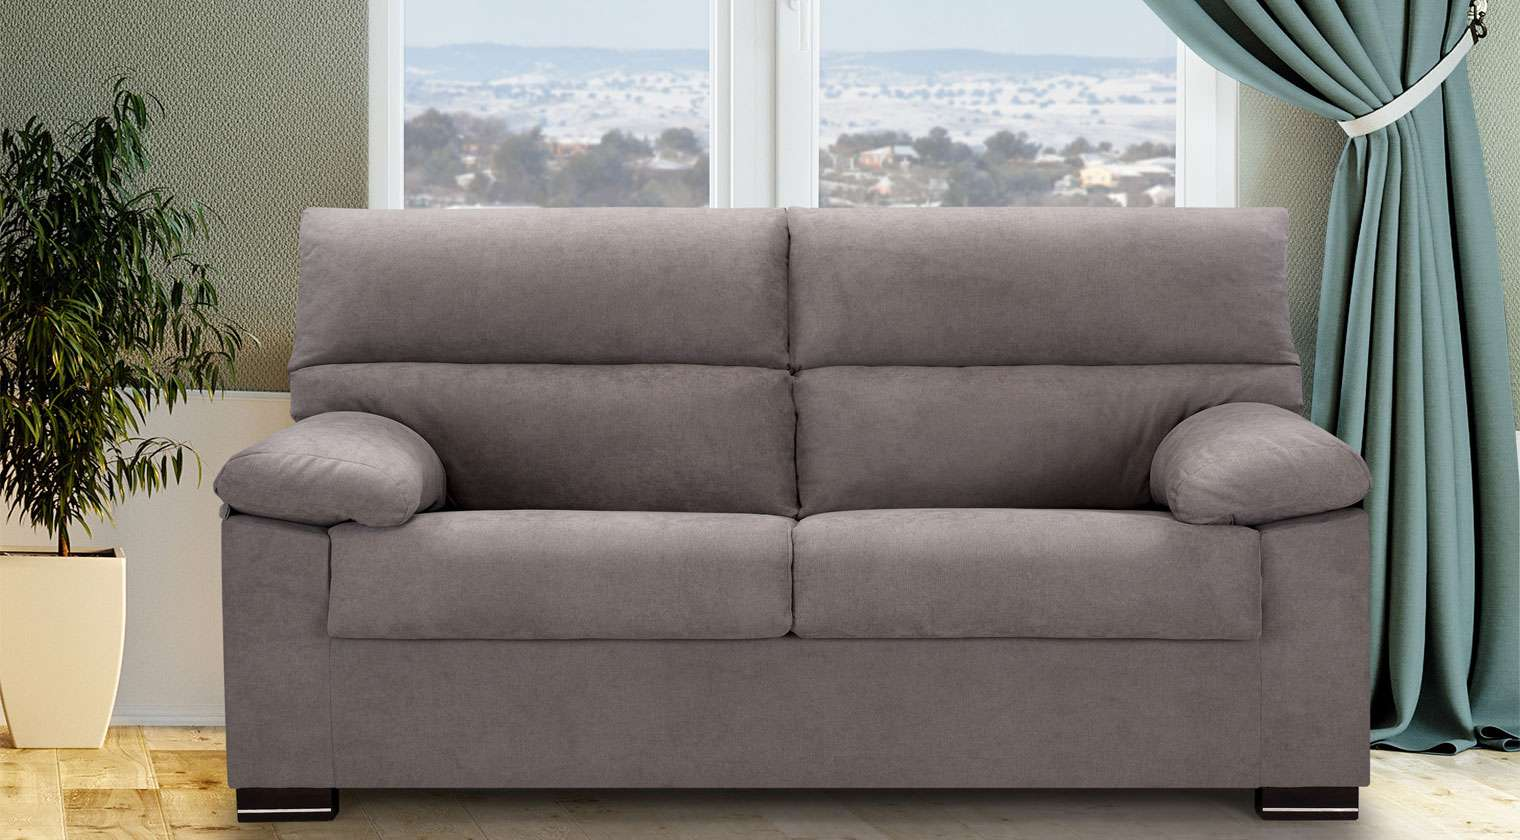 Comprar sof tela herm s sofa 3 plazas rolex alba for Sofas baratos asturias